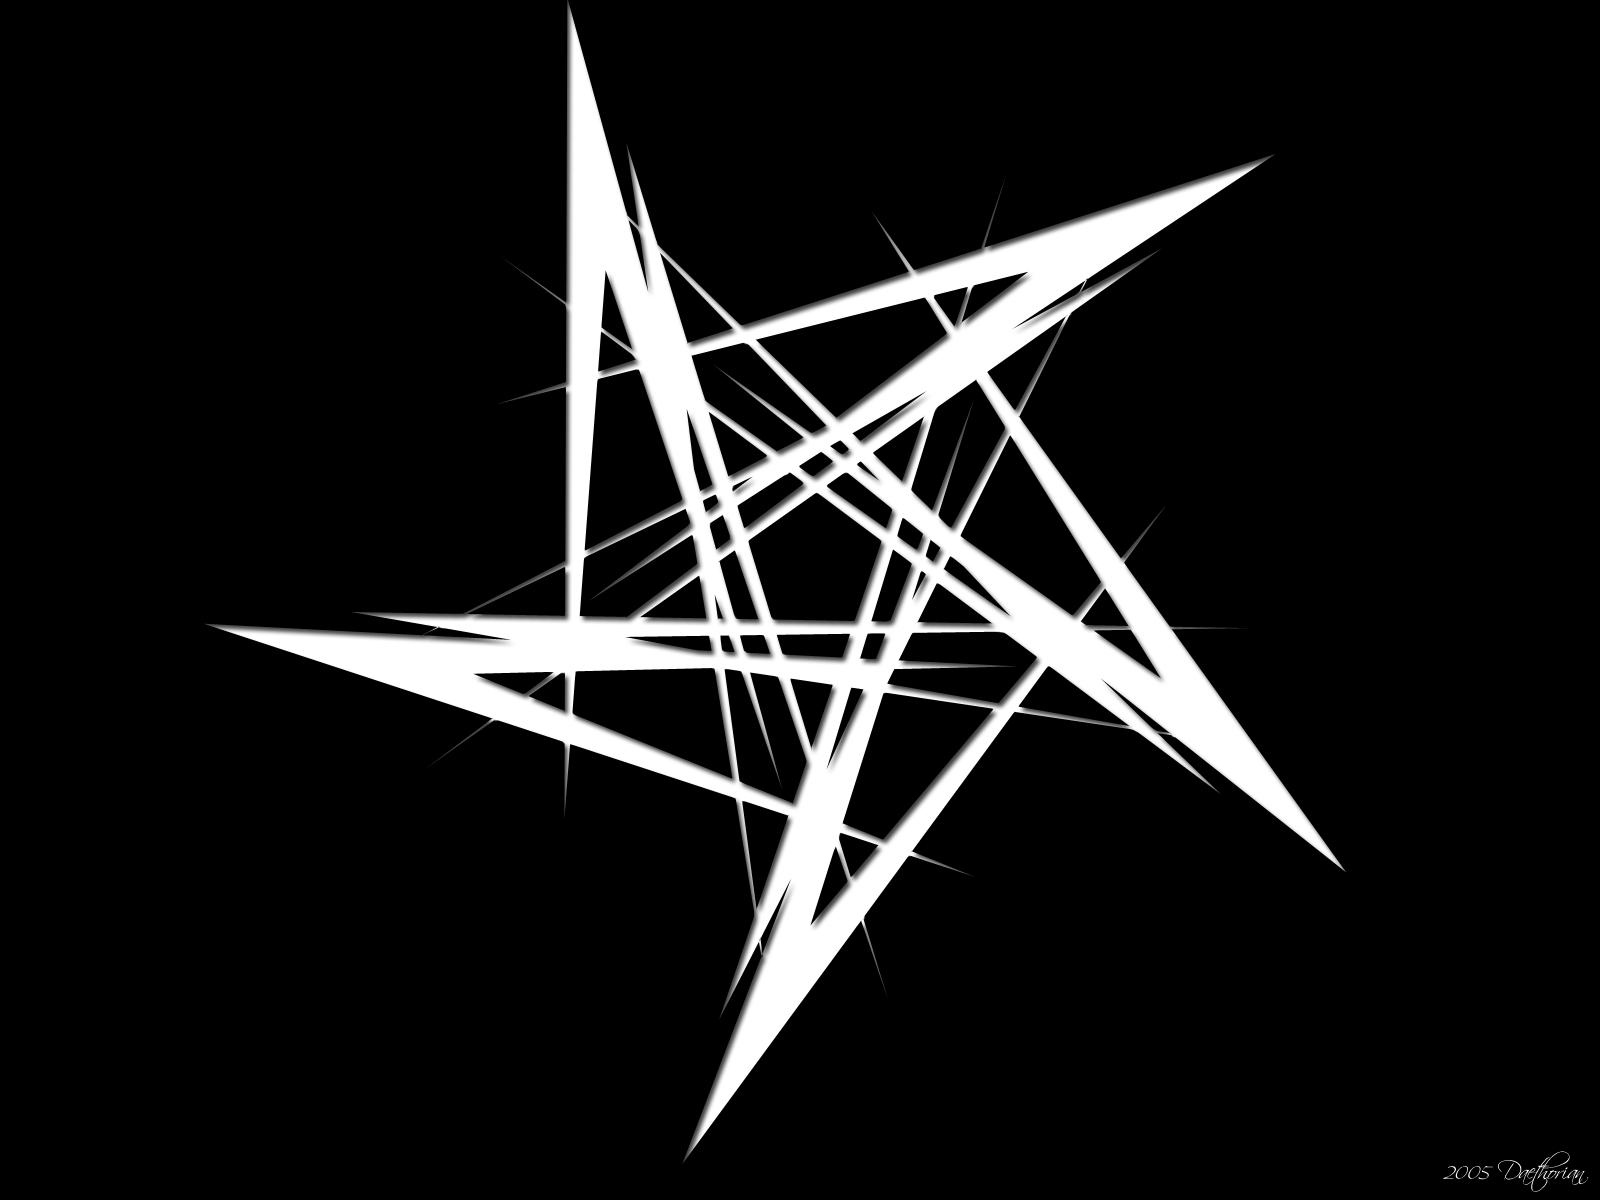 http://4.bp.blogspot.com/-nmfhU503ik8/TeZO6inAyRI/AAAAAAAACcg/gOZ0EP1NEAY/s1600/pentagram.jpg